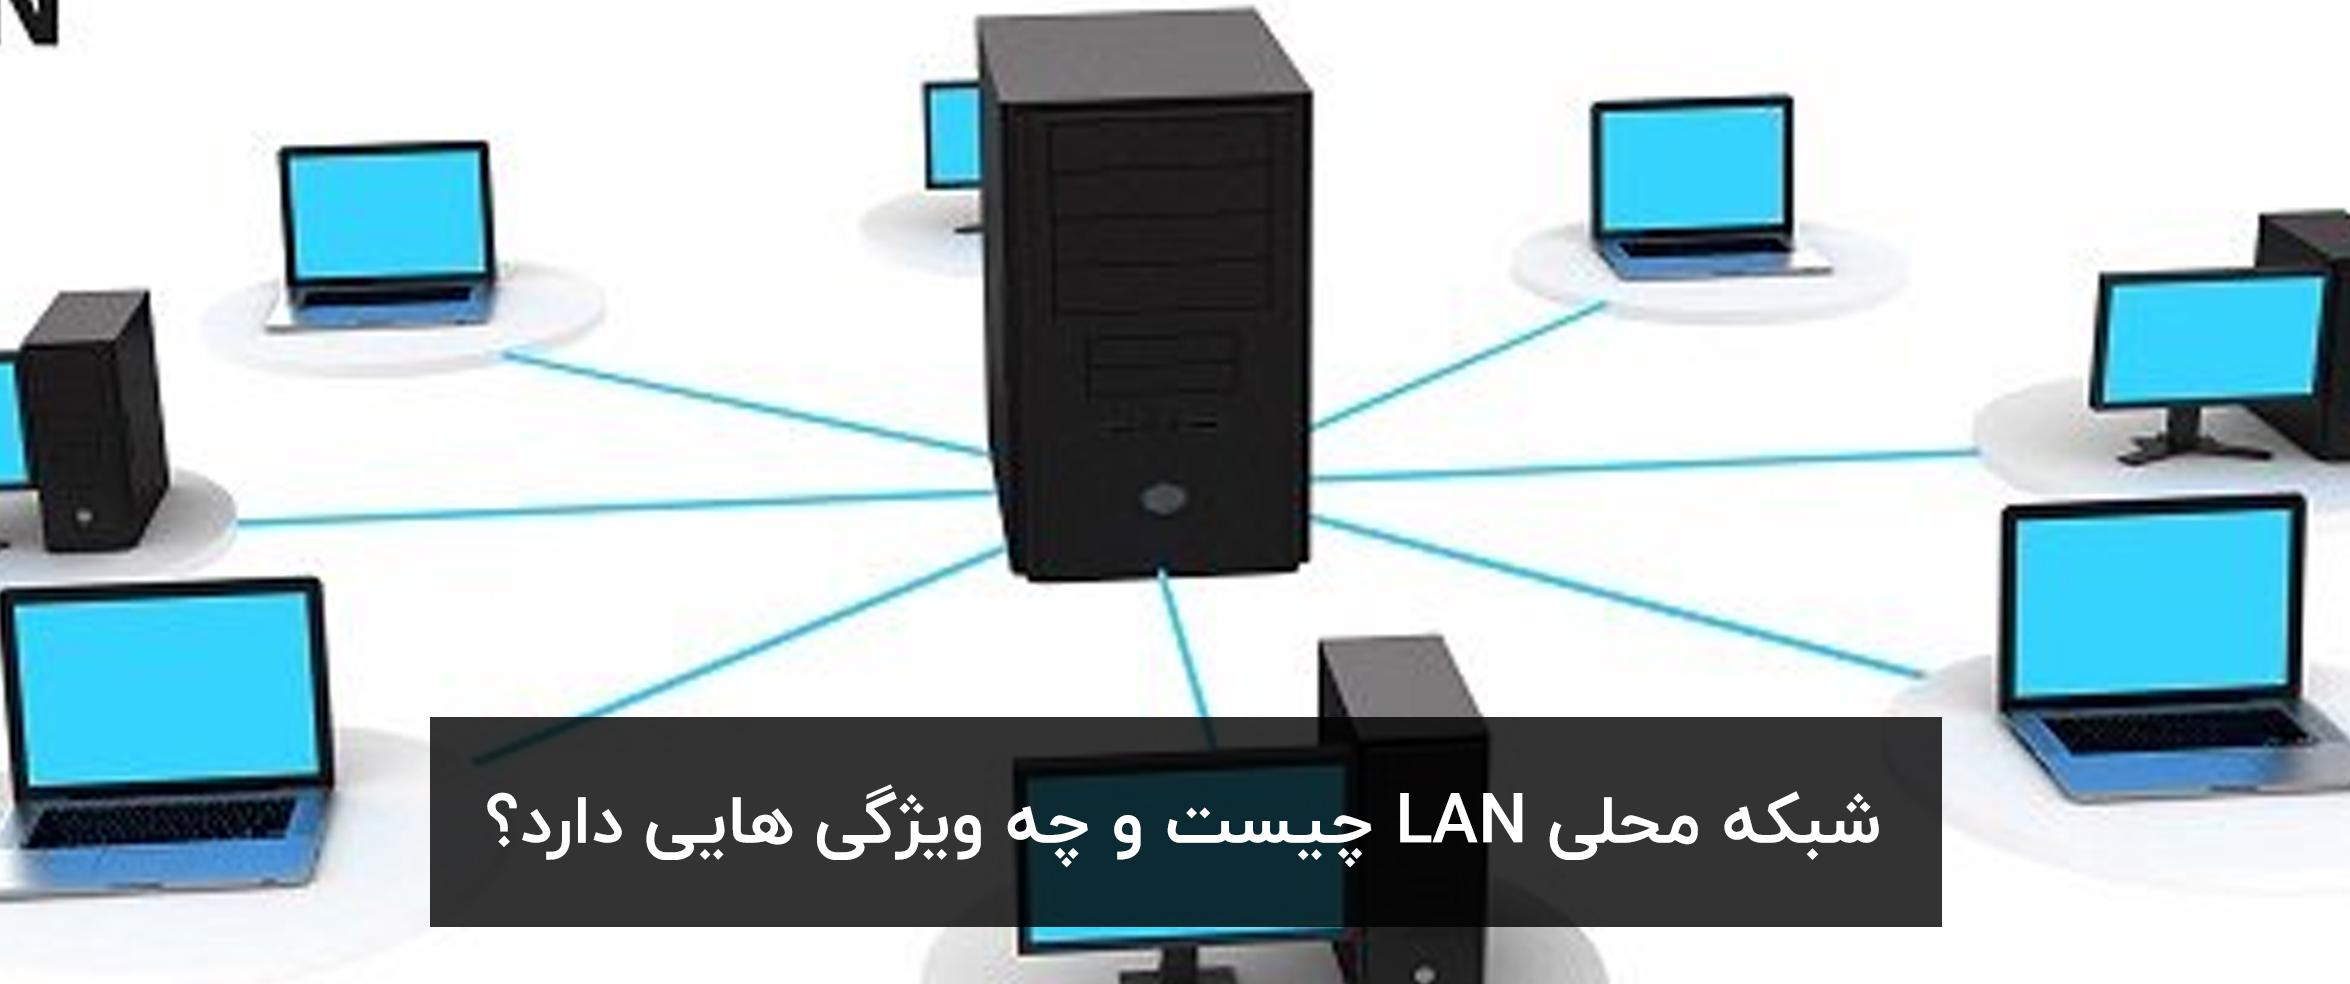 شبکه محلی LAN چیست و چه ویژگی هایی دارد؟